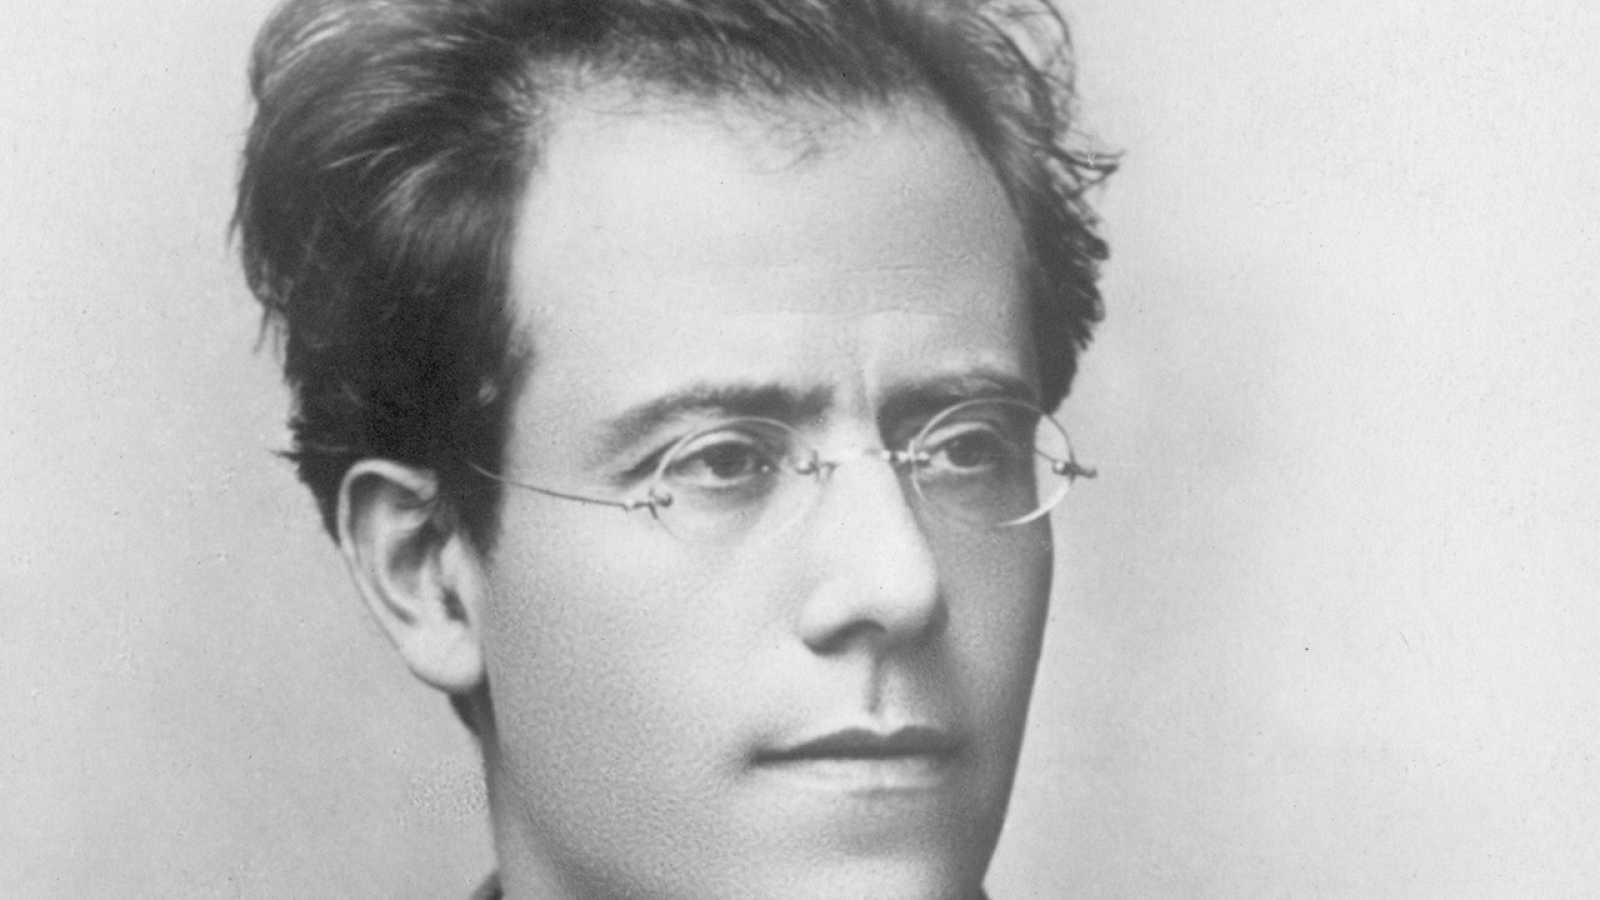 Relato sobre la 'Sinfonía nº 2 (Resurrección)' de Mahler - escuchar ahora